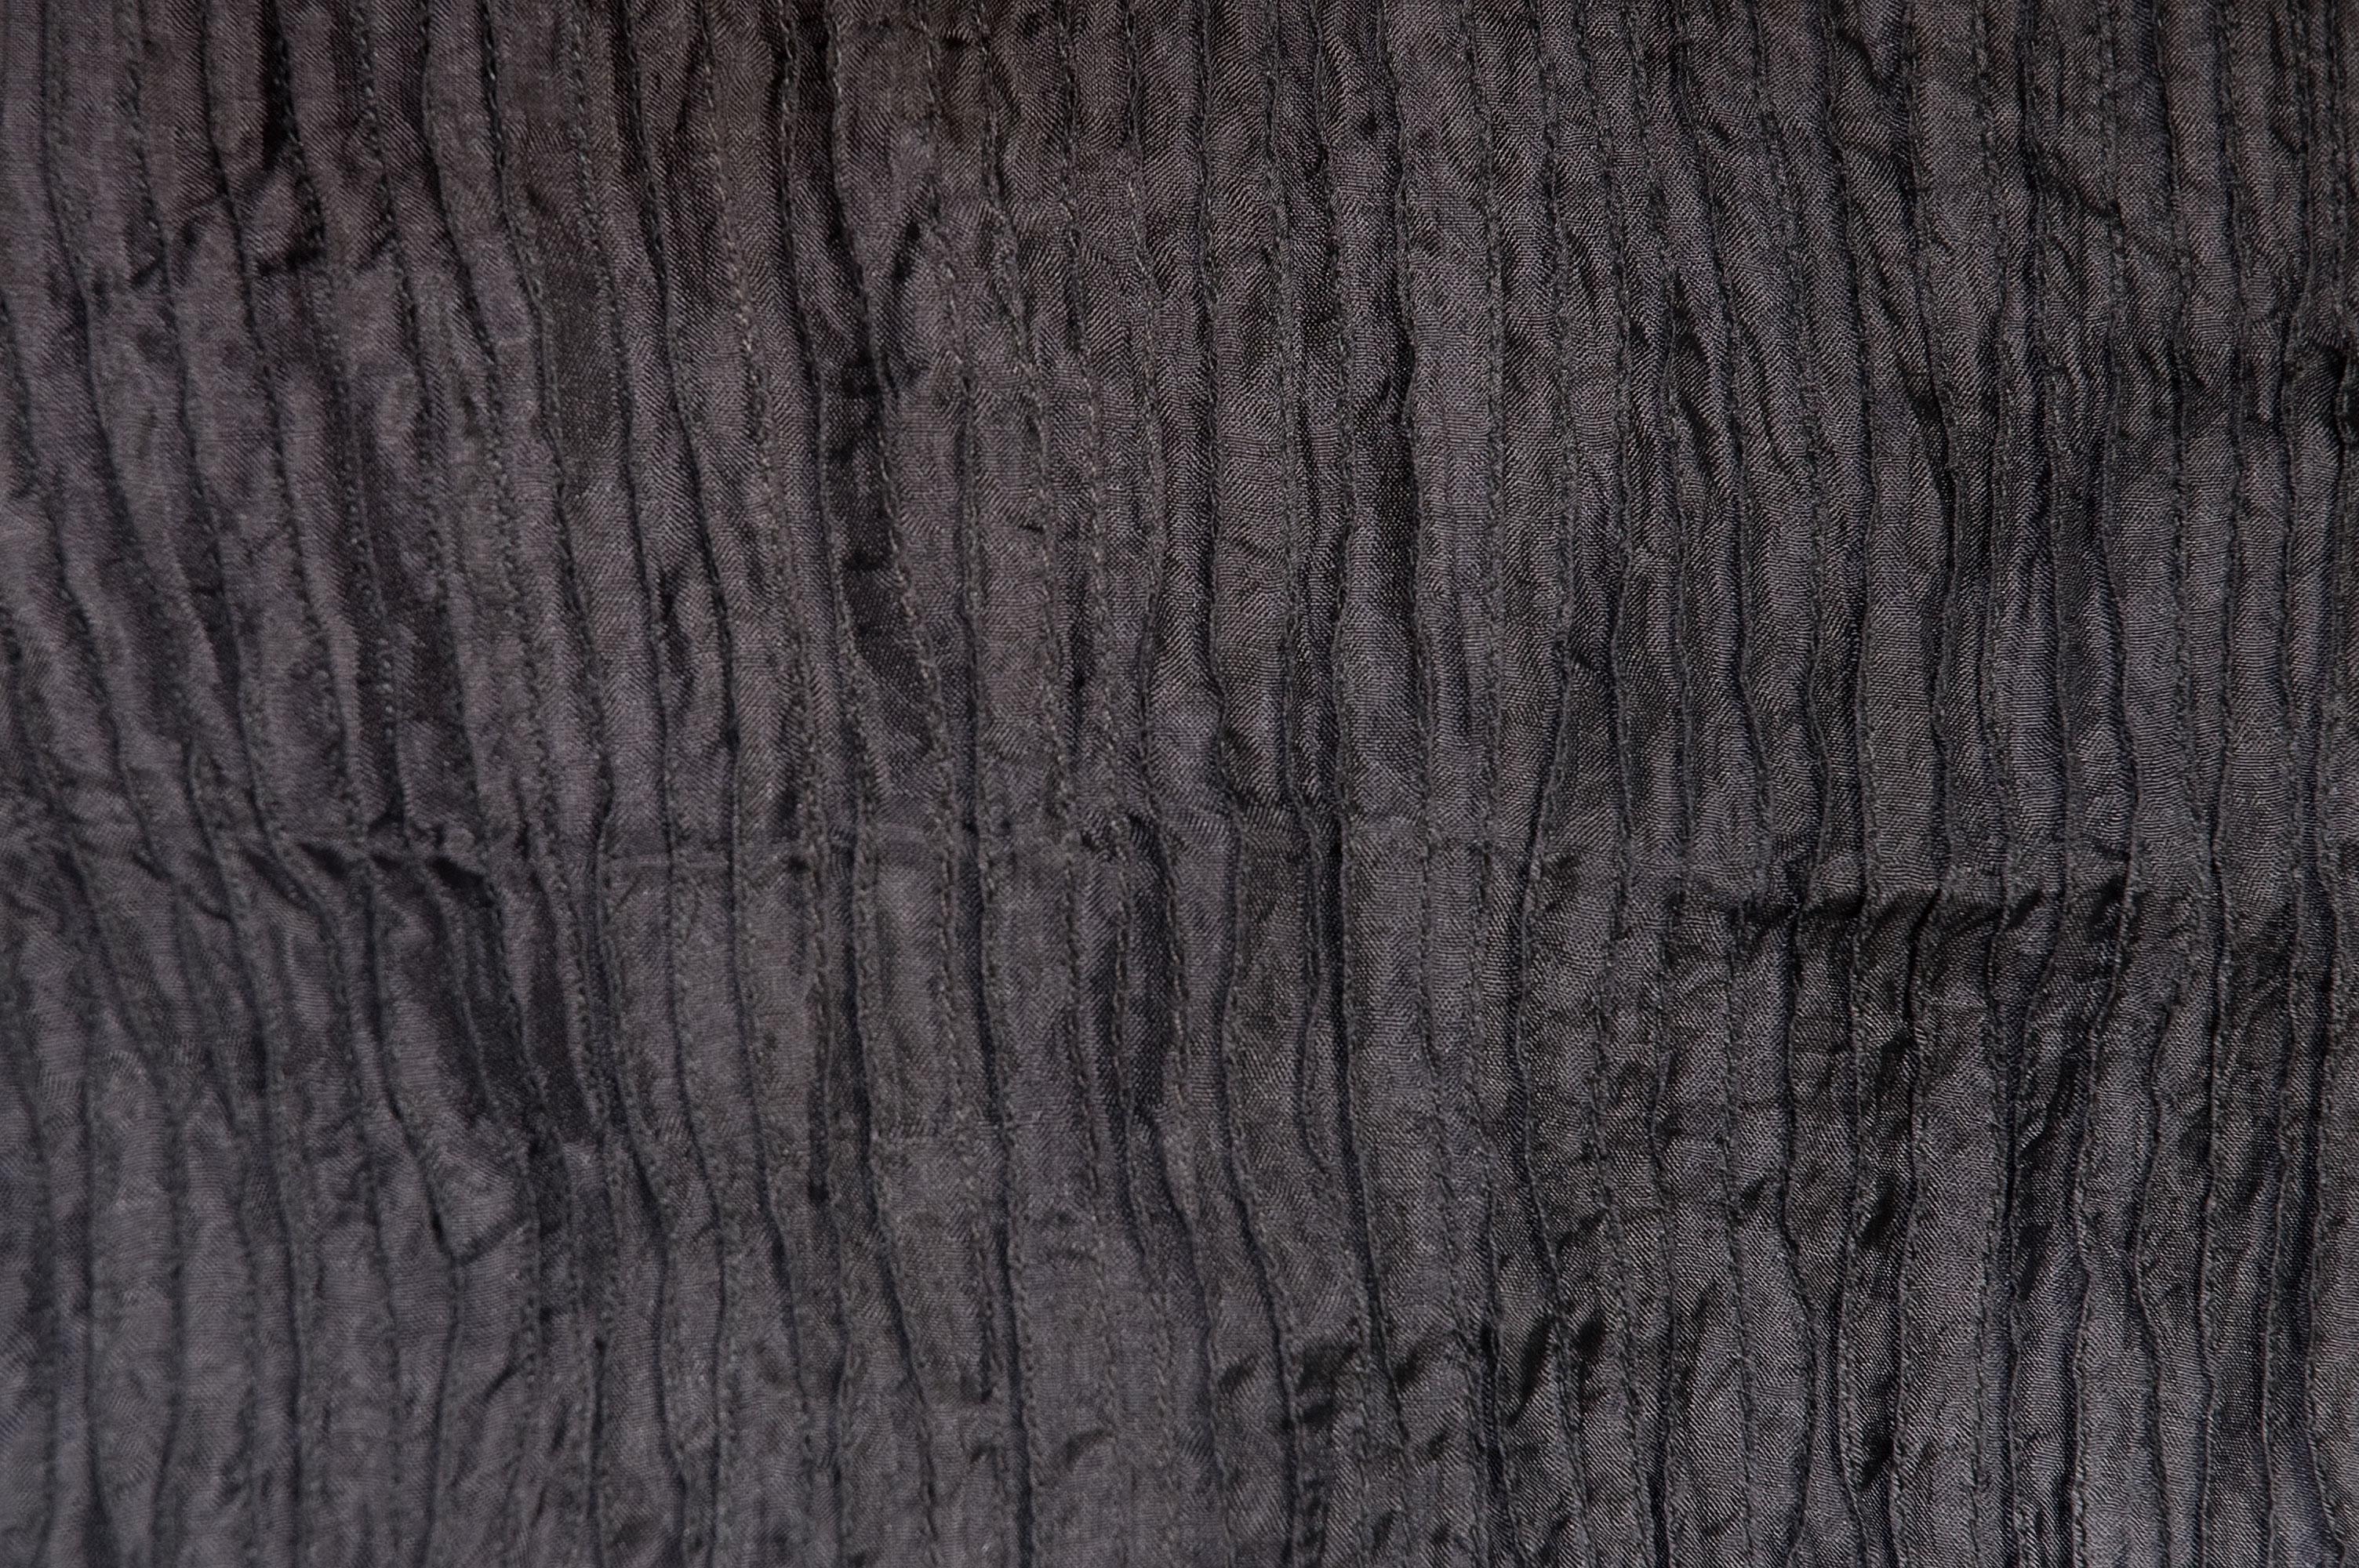 Zijden sjaal in zwart, wit en grijs